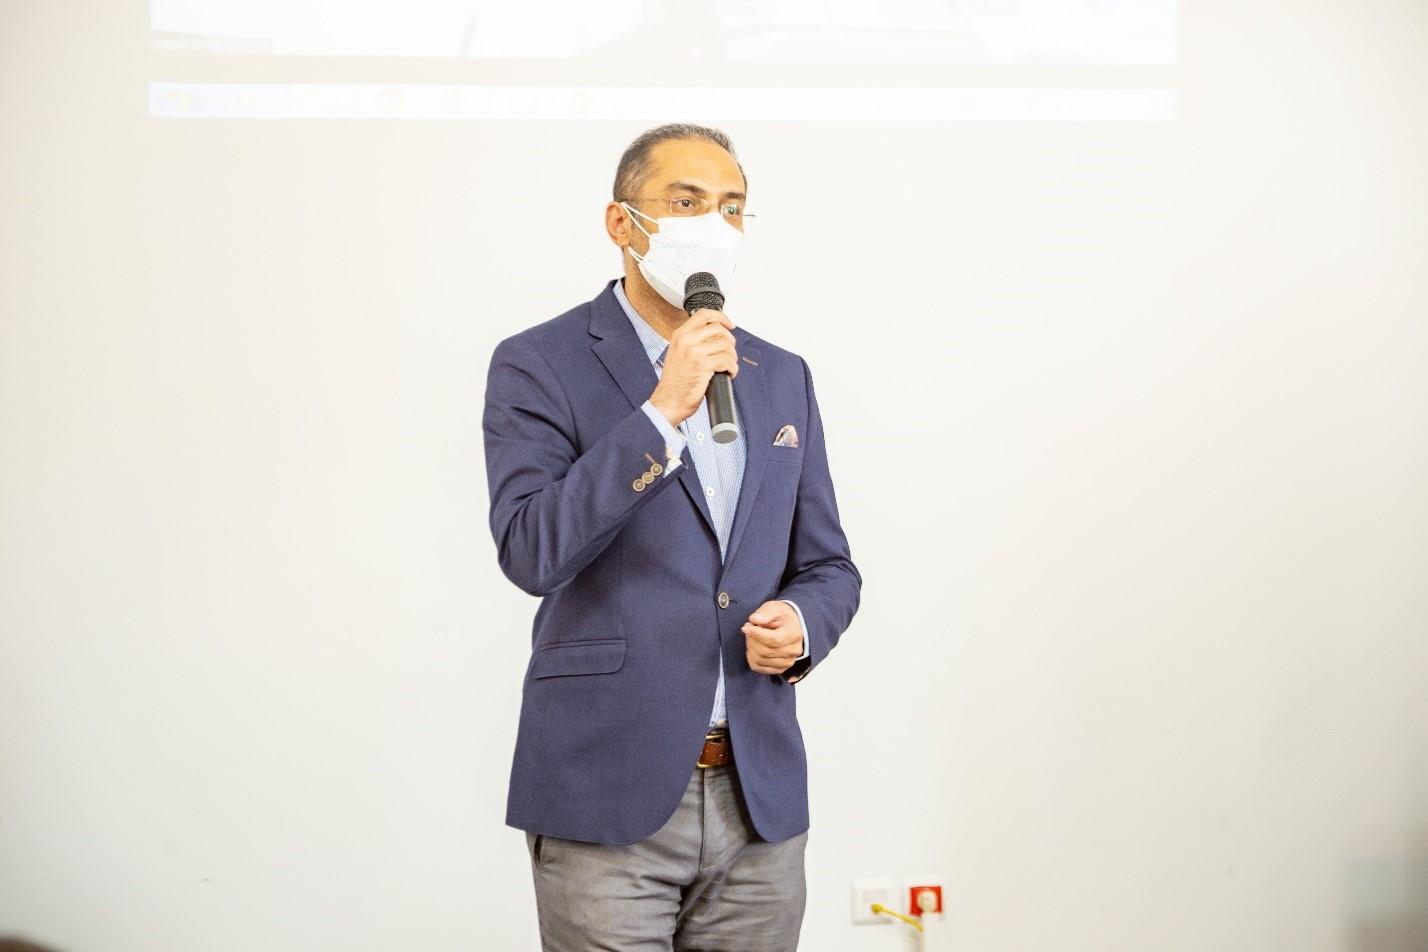 دکتر گرمابی، رئیس دانشکده مهندسی پلیمر و رنگ دانشگاه صنعتی امیرکبیر